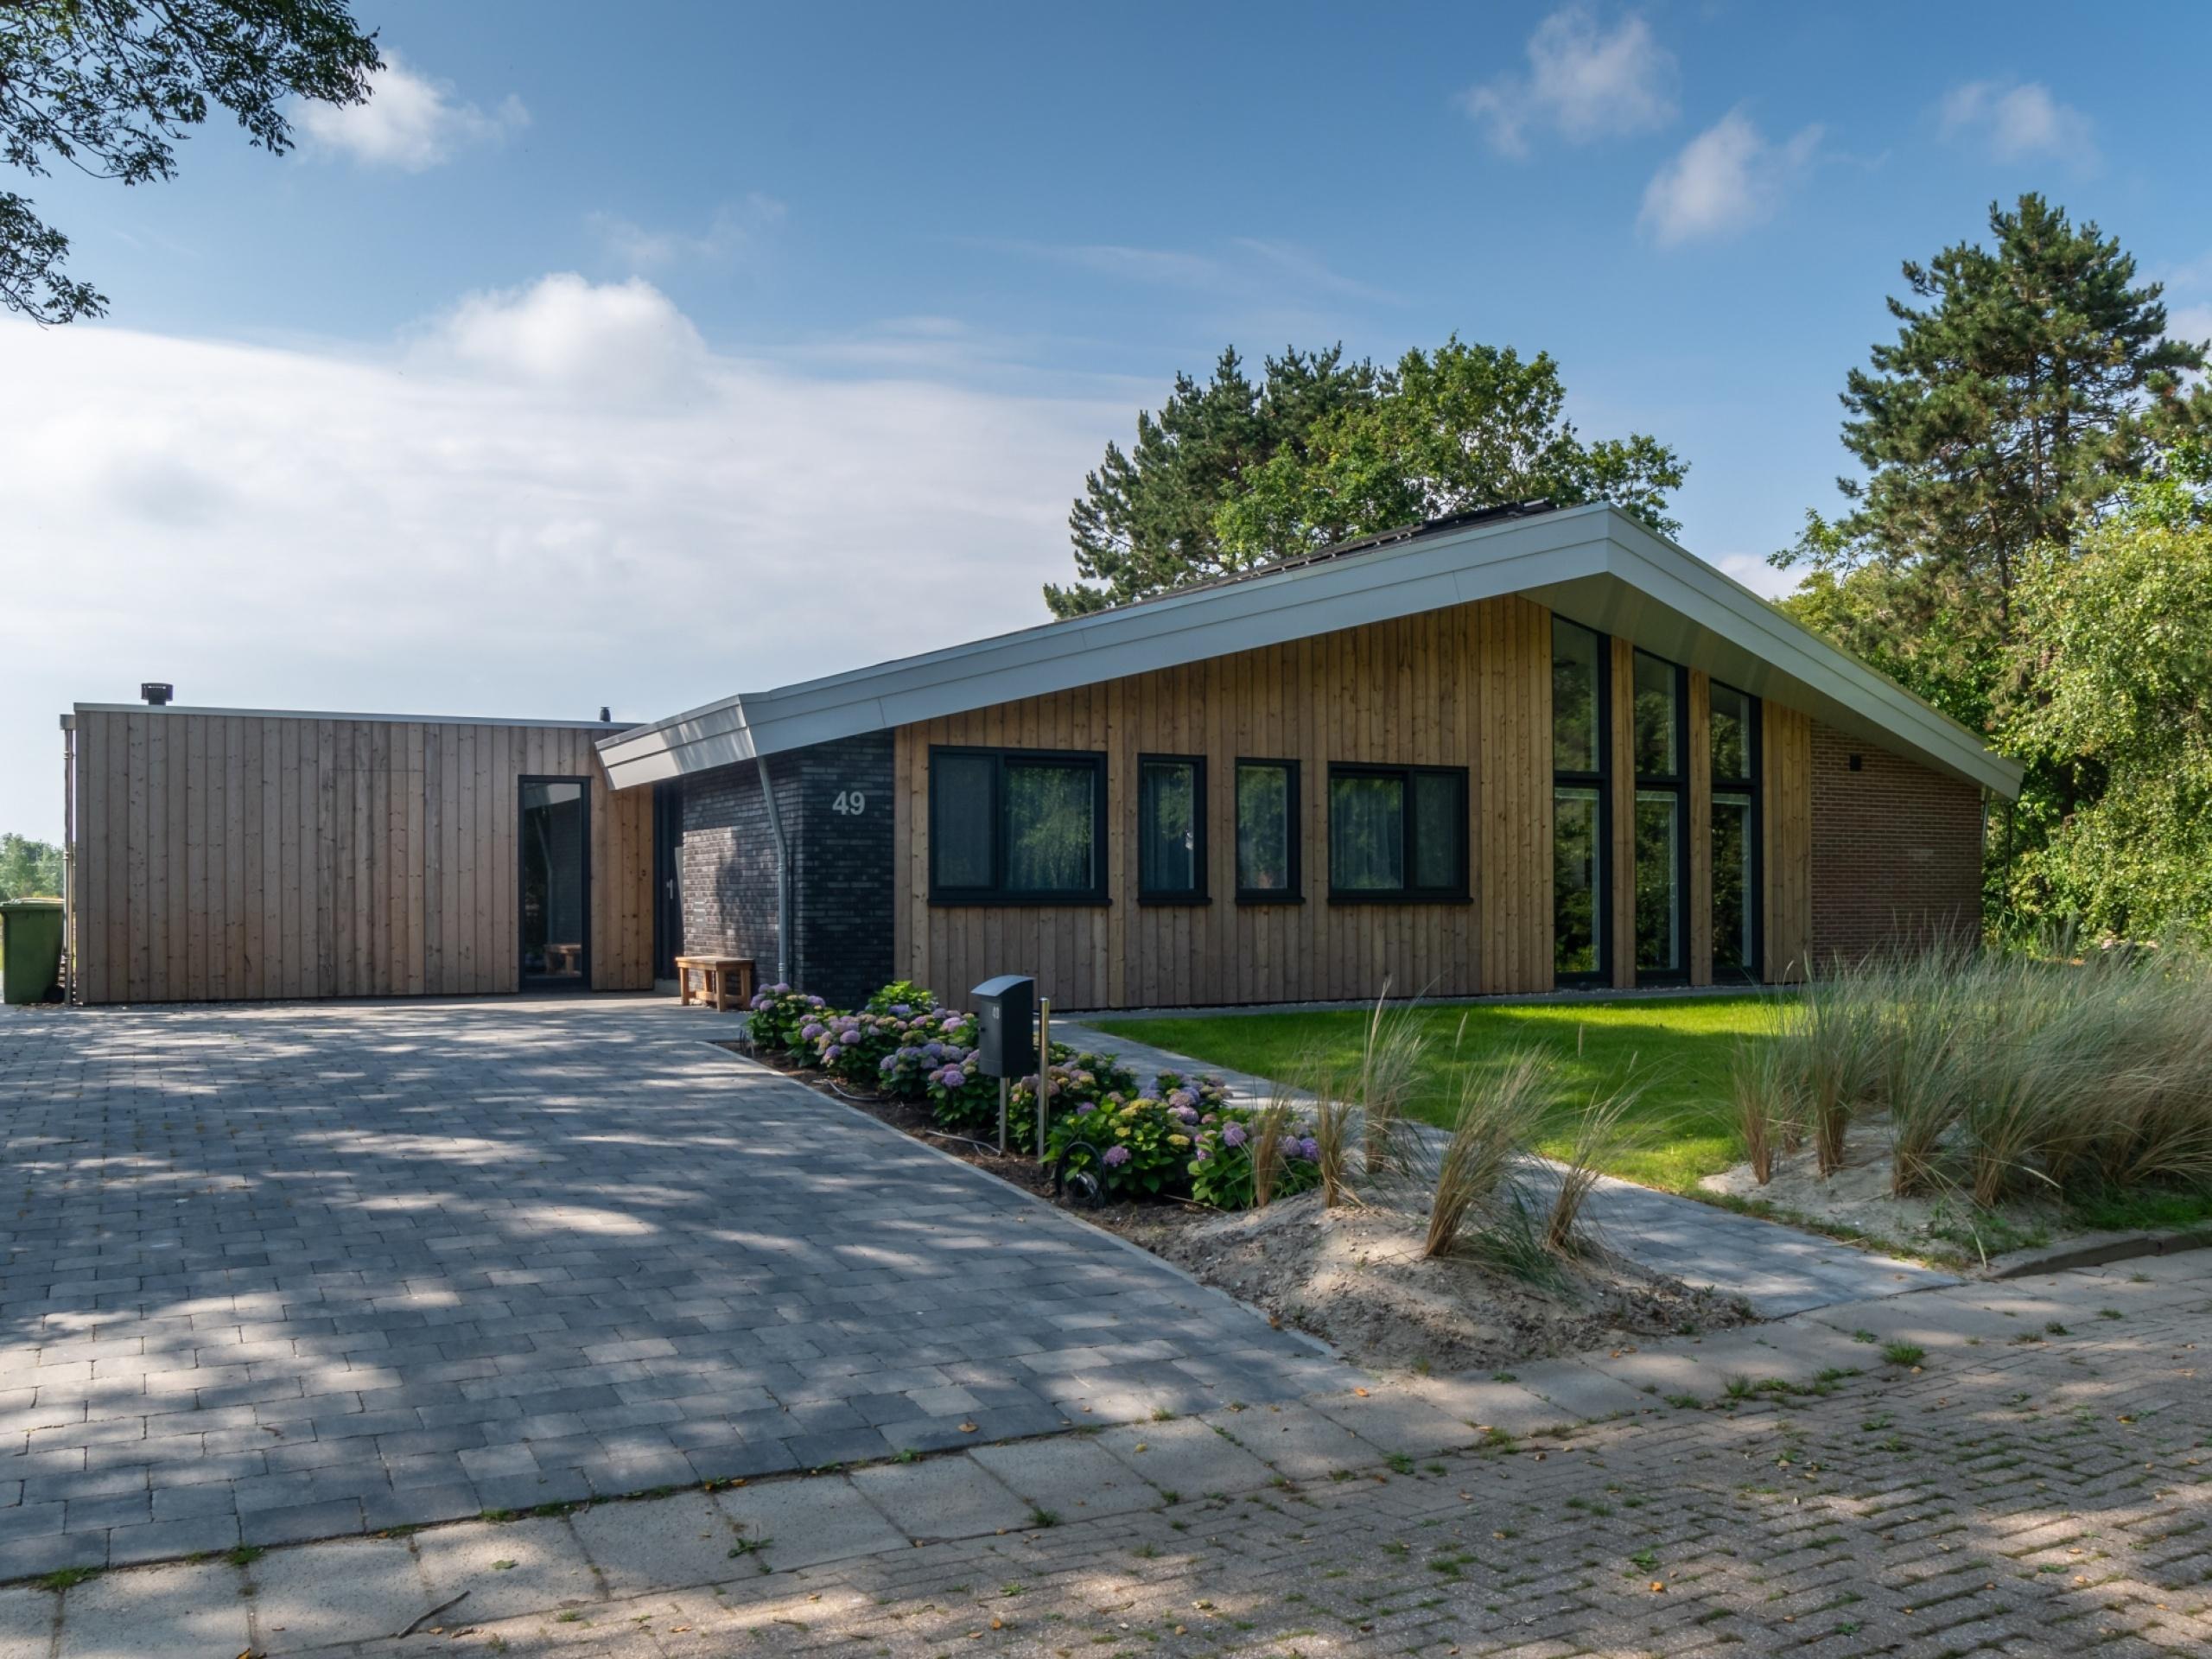 Ruim en comfortabel vakantiehuis in De Koog op loopafstand van de duinen, bos en de zee